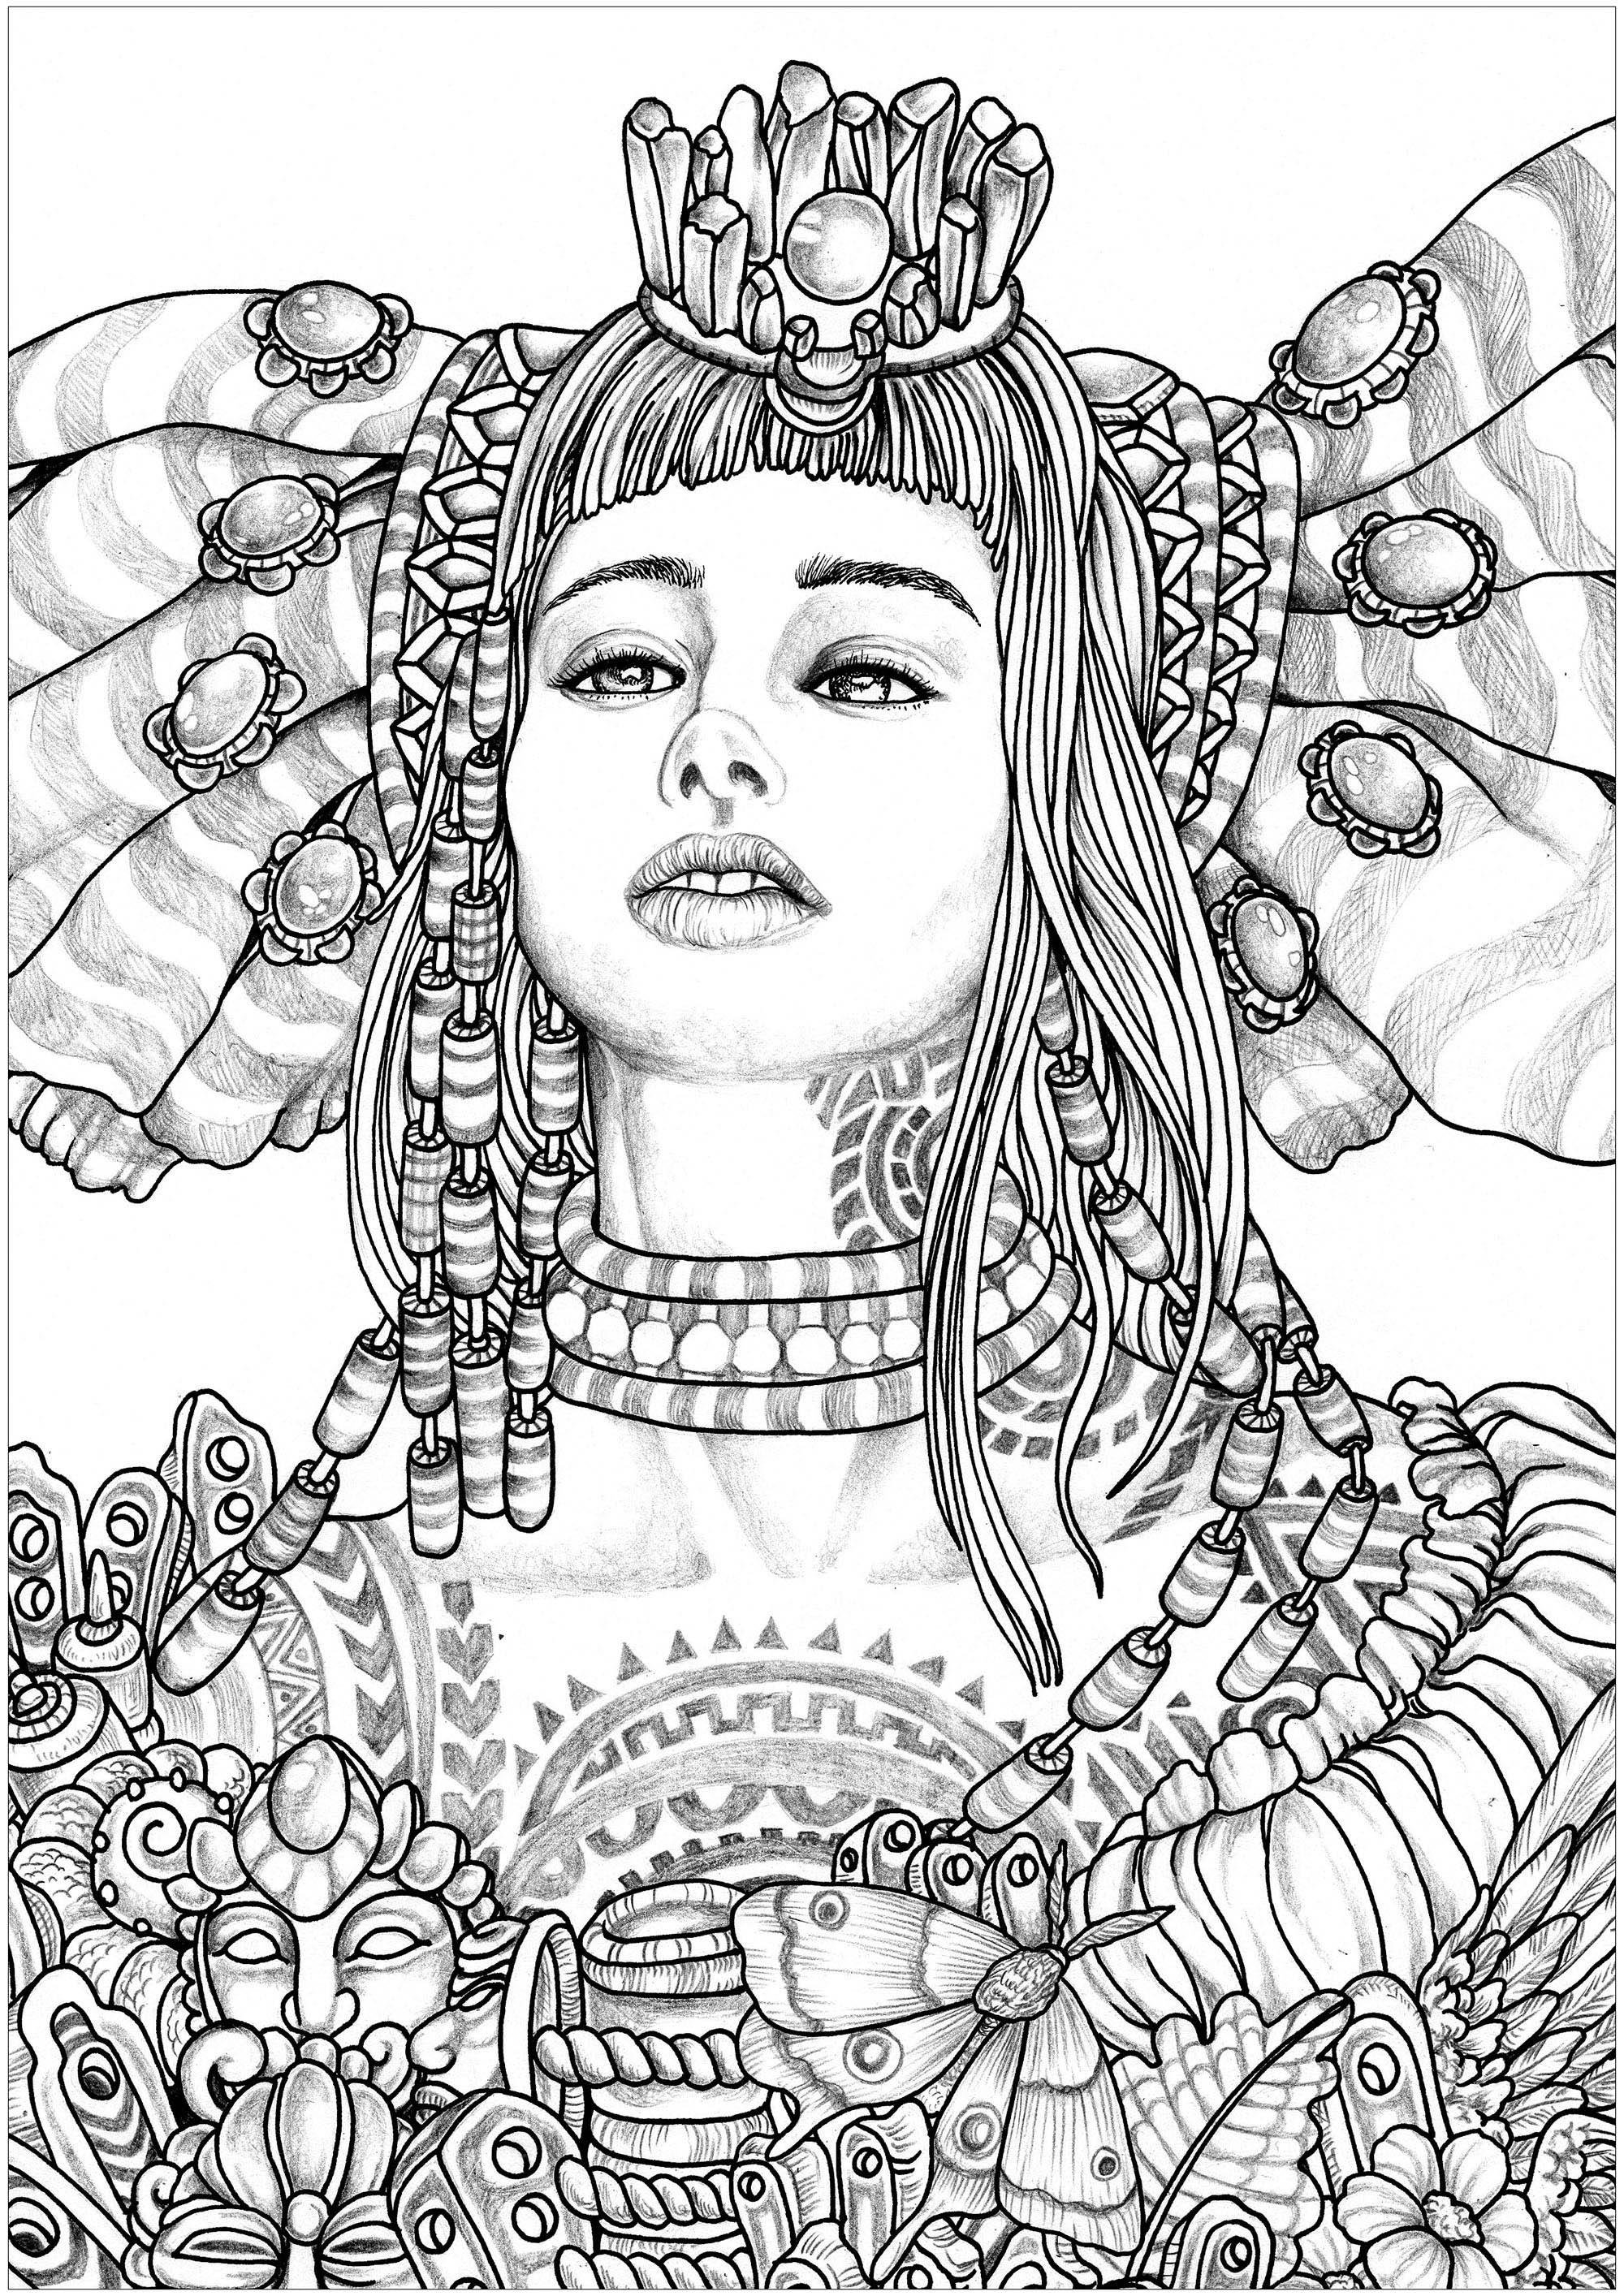 Femme Imahinasyon : Premier personnage (Imahinasyon signifie Imagination en Tagalog : Le tagalog est une langue régionale, qui se parle essentiellement en Asie du Sud-Est et particulièrement aux Philippines)